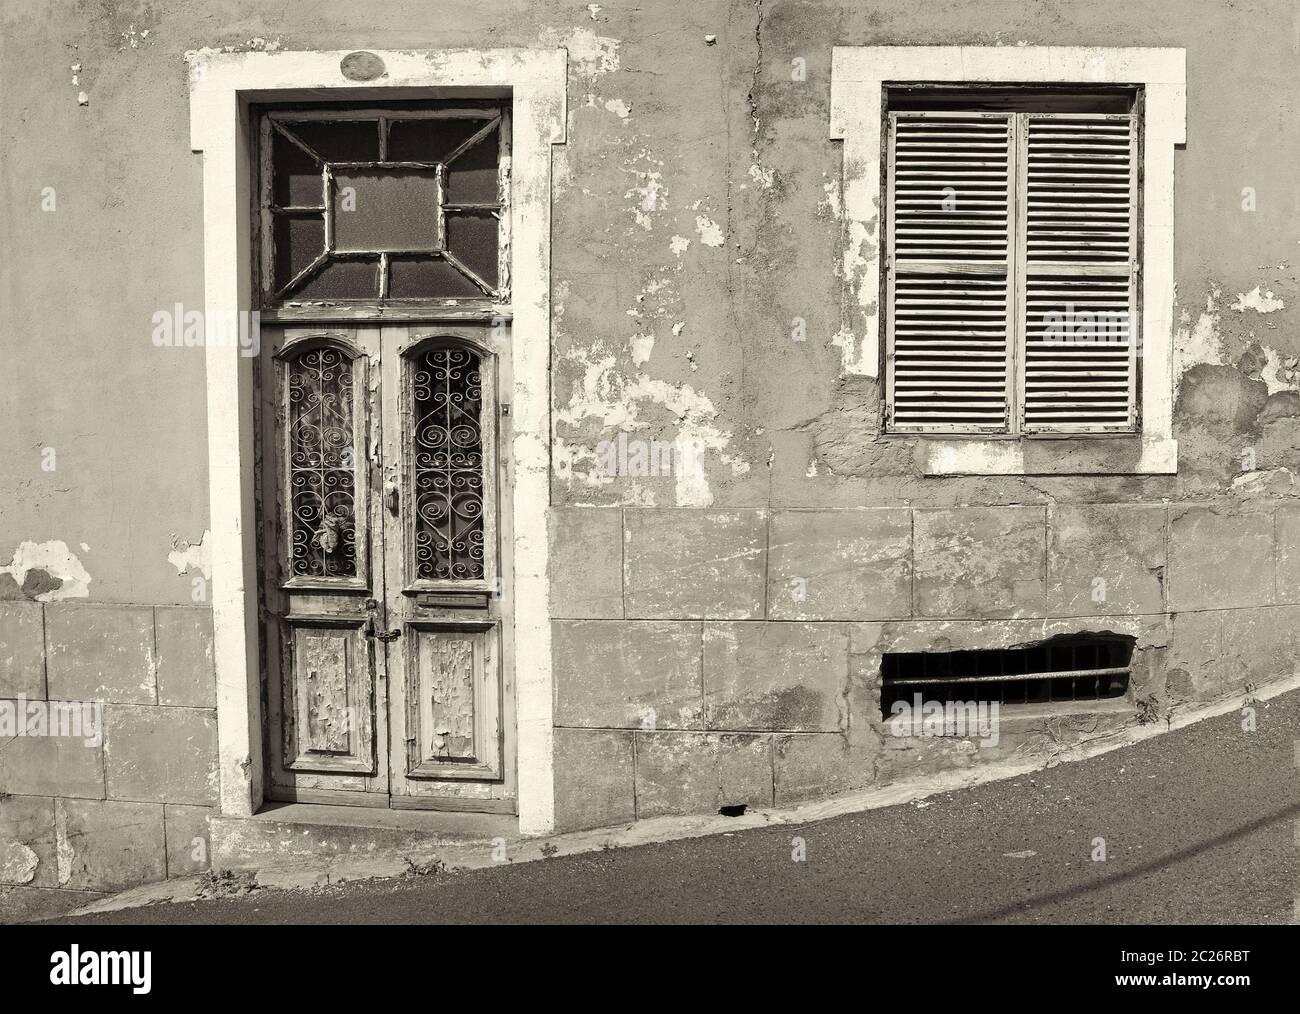 l'avant d'une ancienne maison abandonnée avec des fenêtres avec volets et porte en bois fermée avec des éclats de peinture sur une rue en pente Banque D'Images